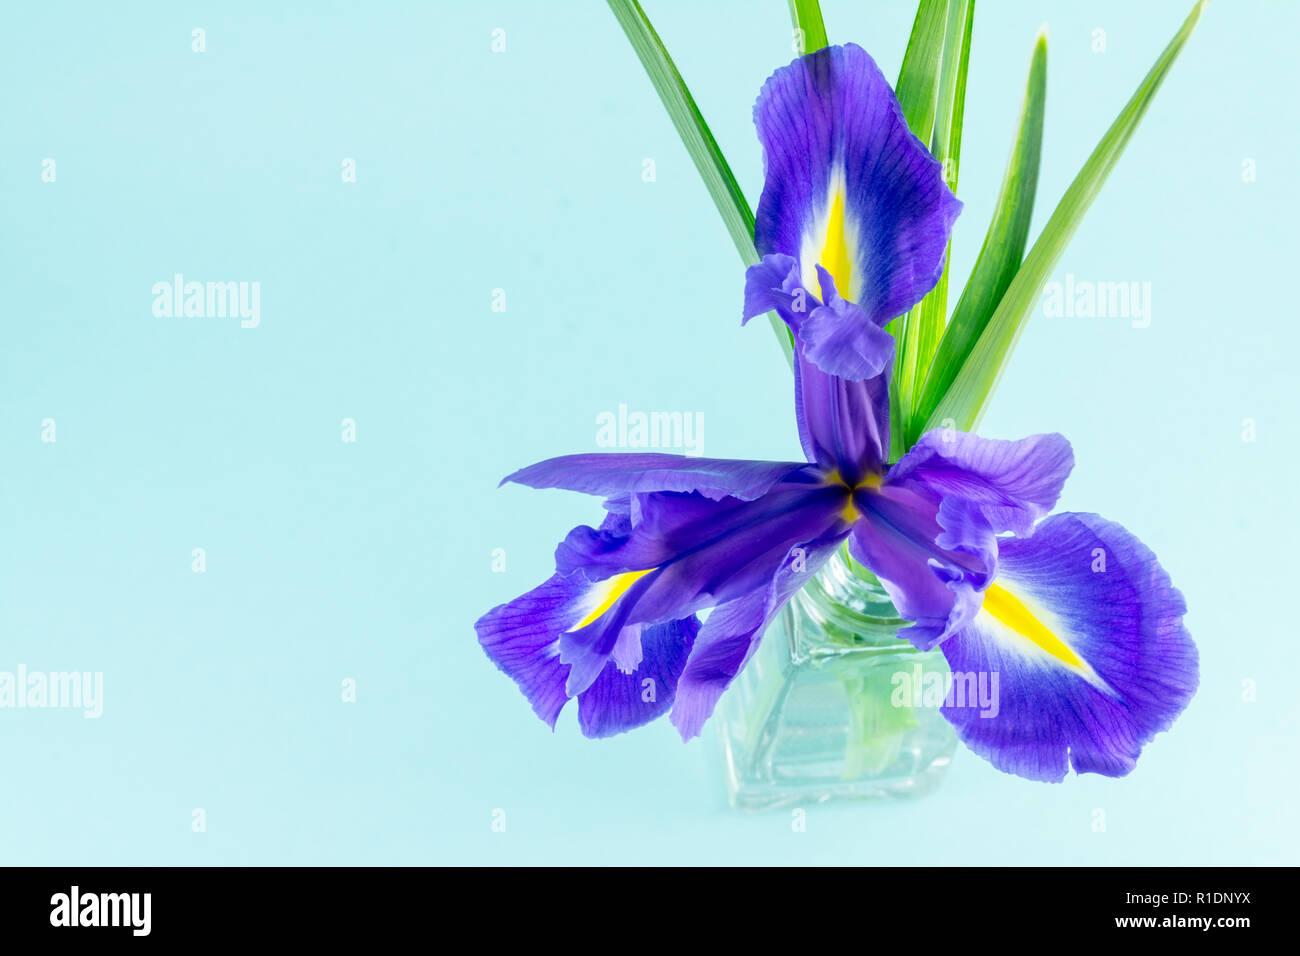 Flores Azul Purpura Iris Con Hojas En Un Vaso De Vidrio Sobre Fondo